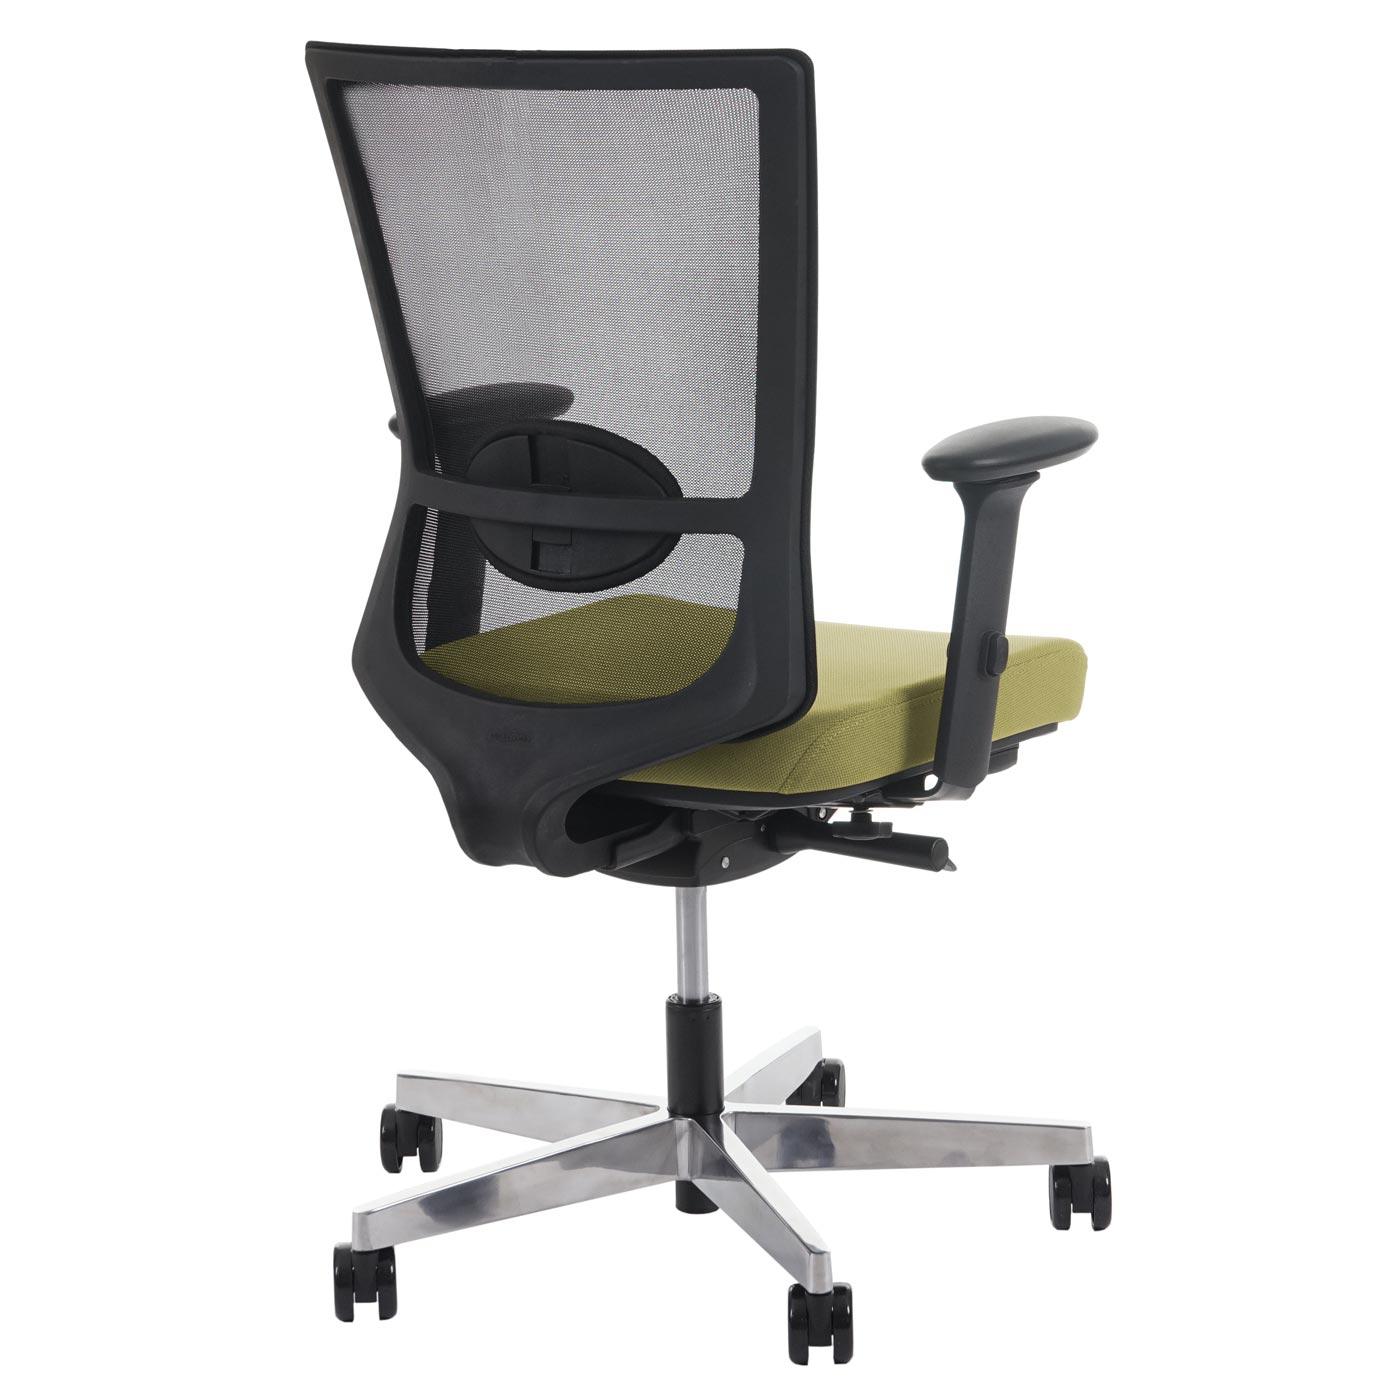 chaise de bureau merryfair forte fauteuil bureau pitovante ergonomique olive. Black Bedroom Furniture Sets. Home Design Ideas